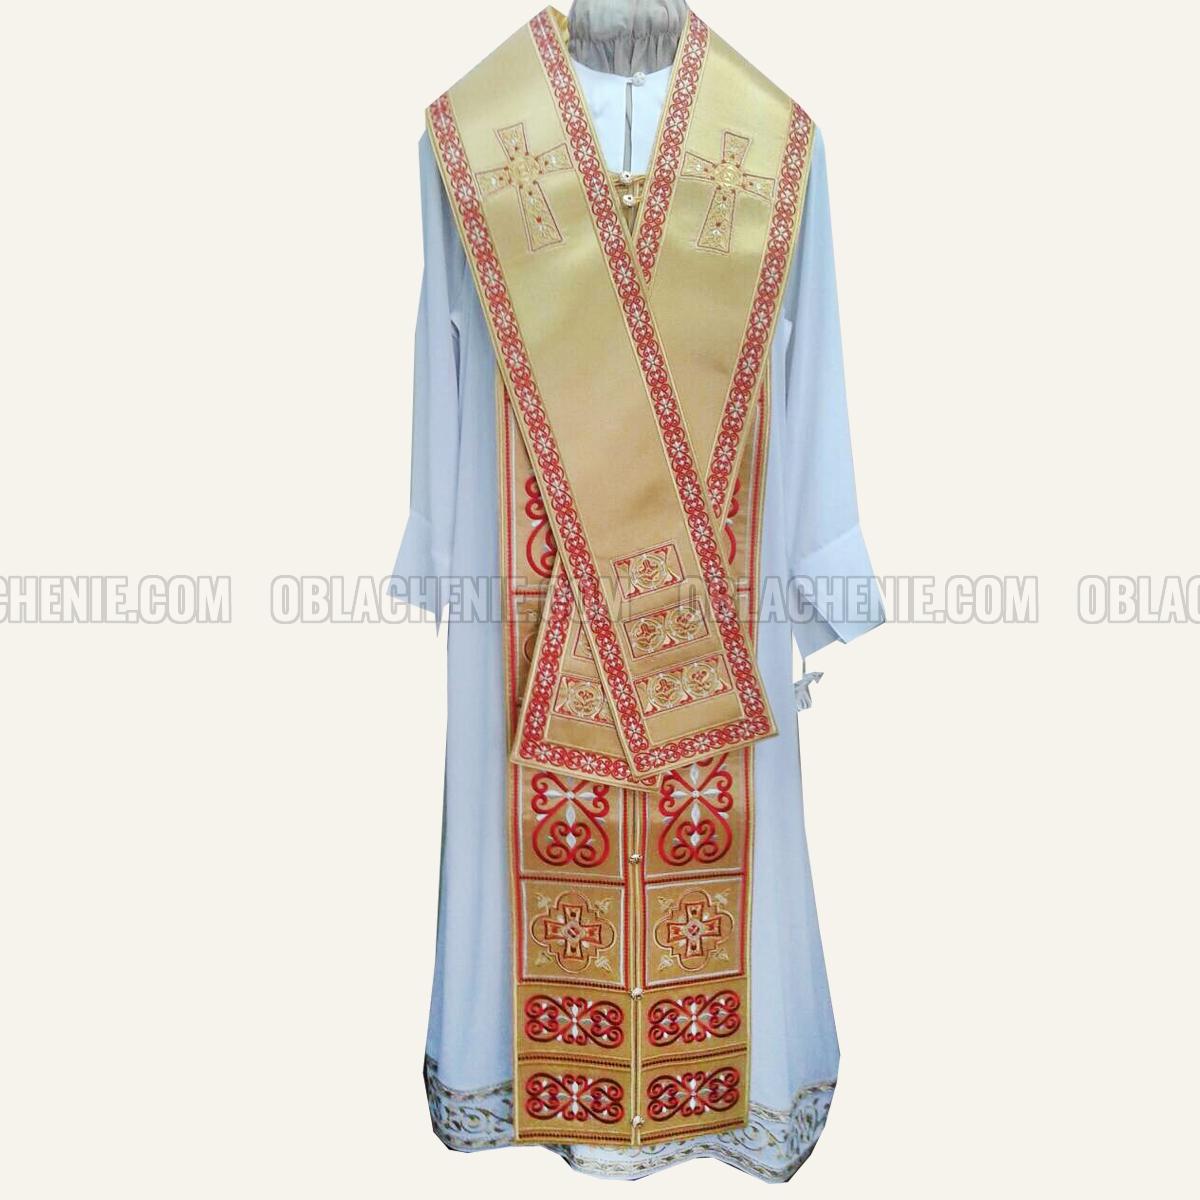 Bishop's vestments 10283